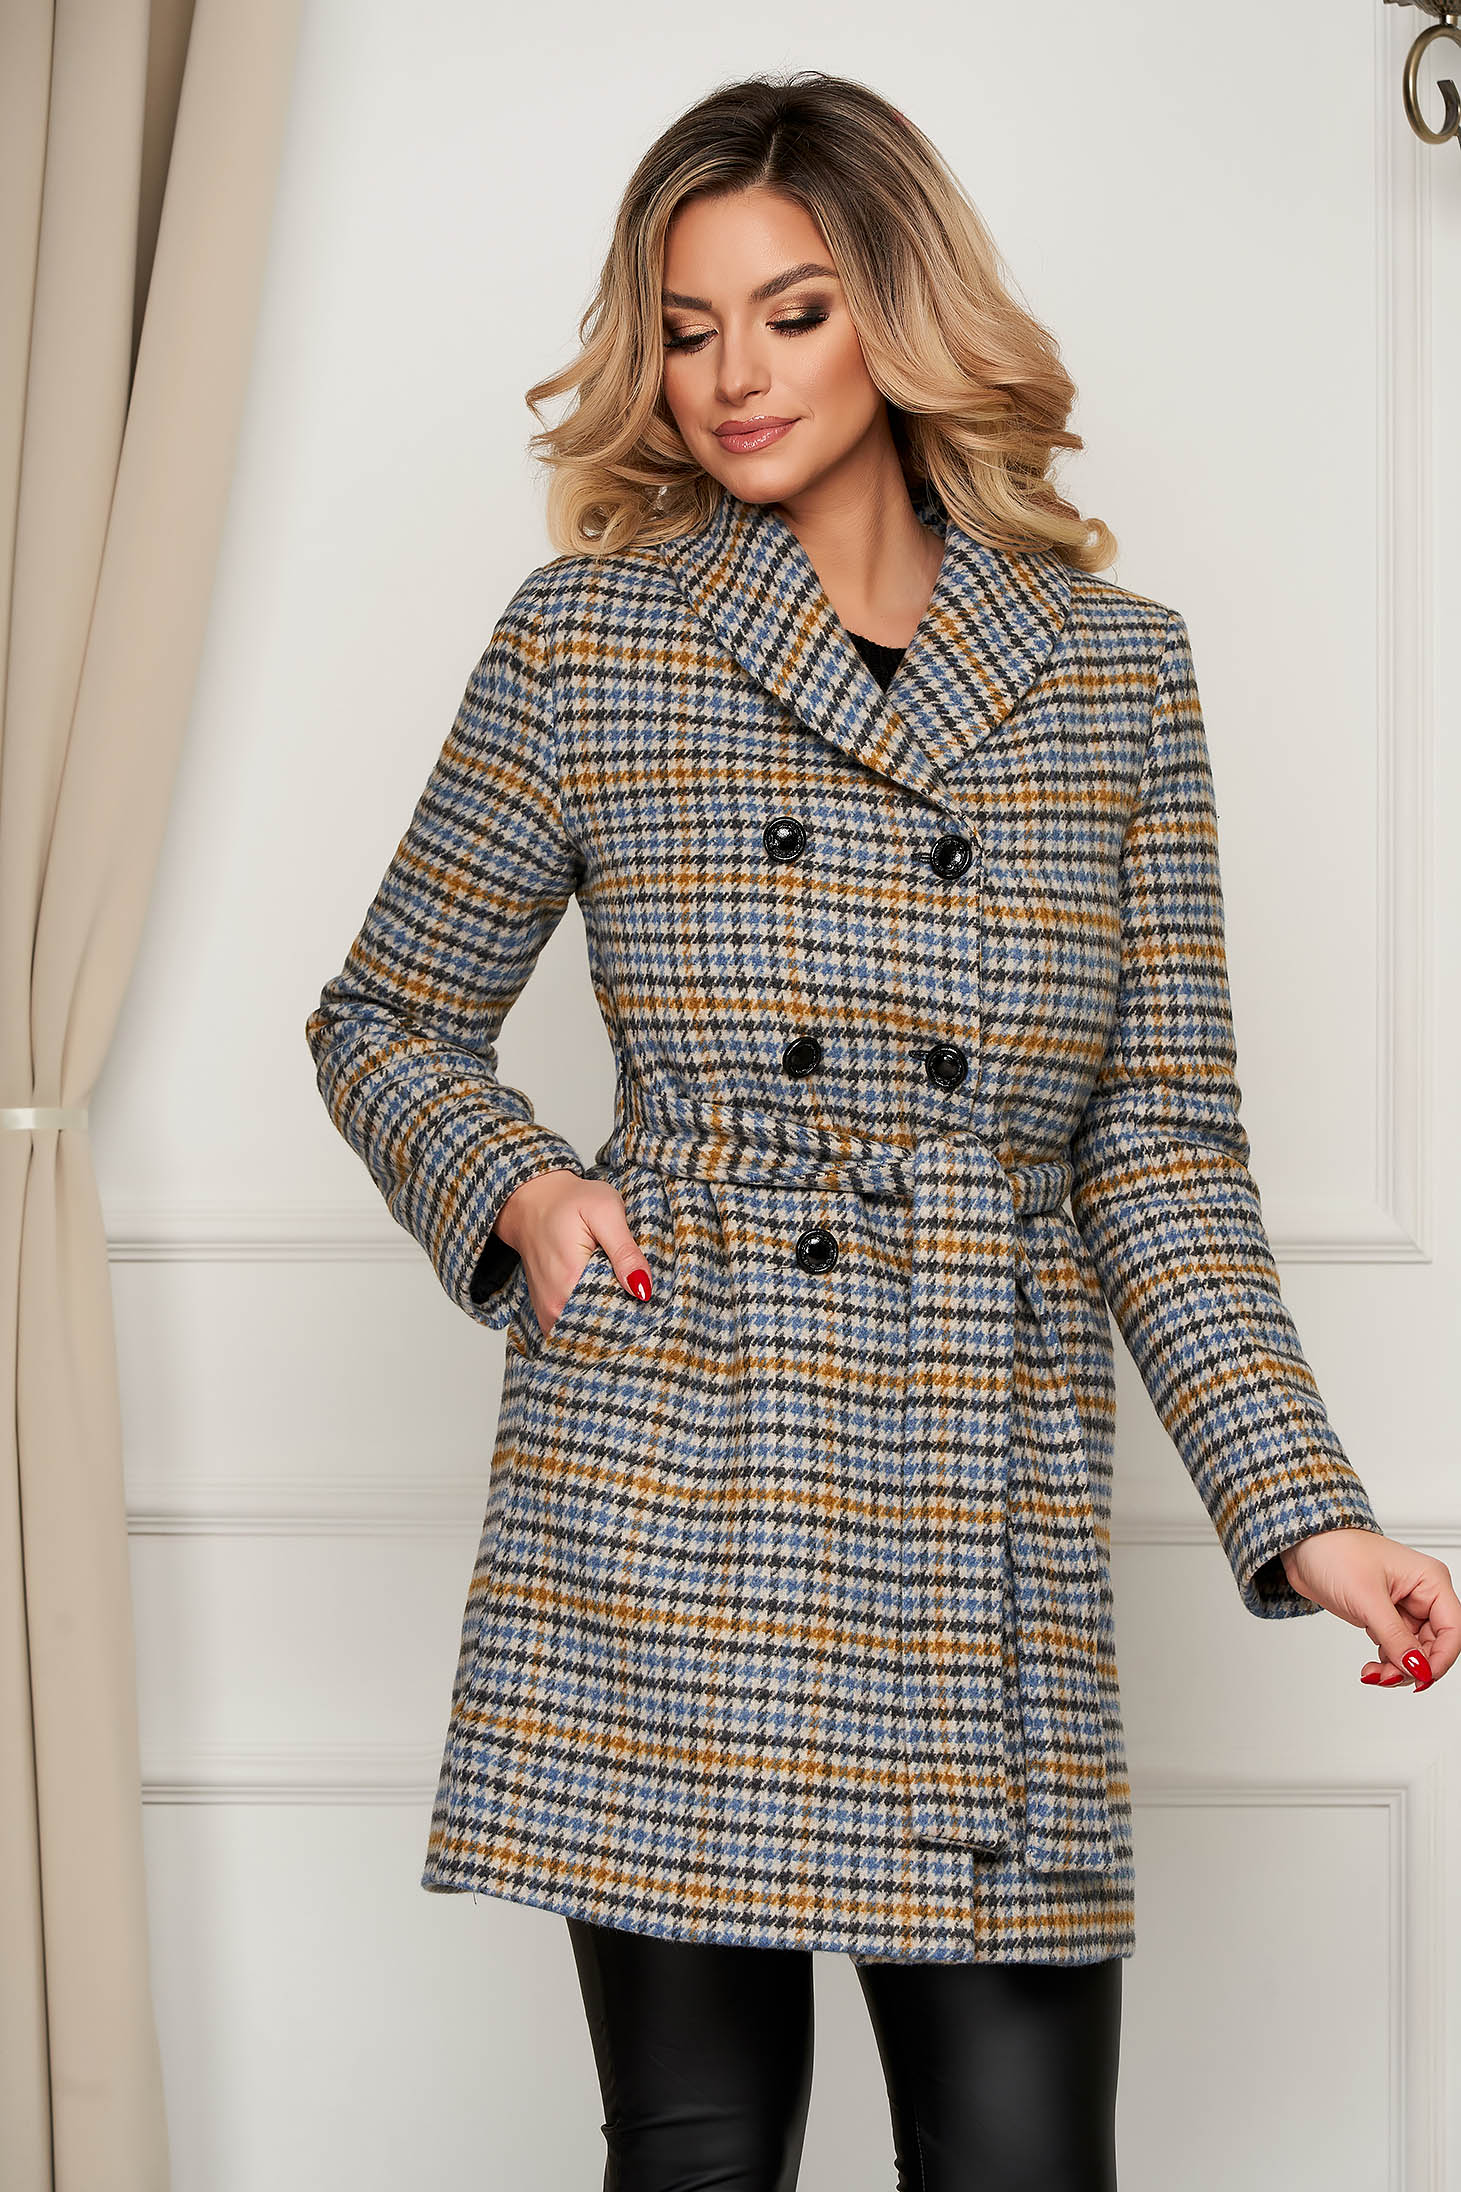 Palton Artista cu imprimeu dogtooth din lana office cu un croi drept accesorizat cu cordon cu dungi